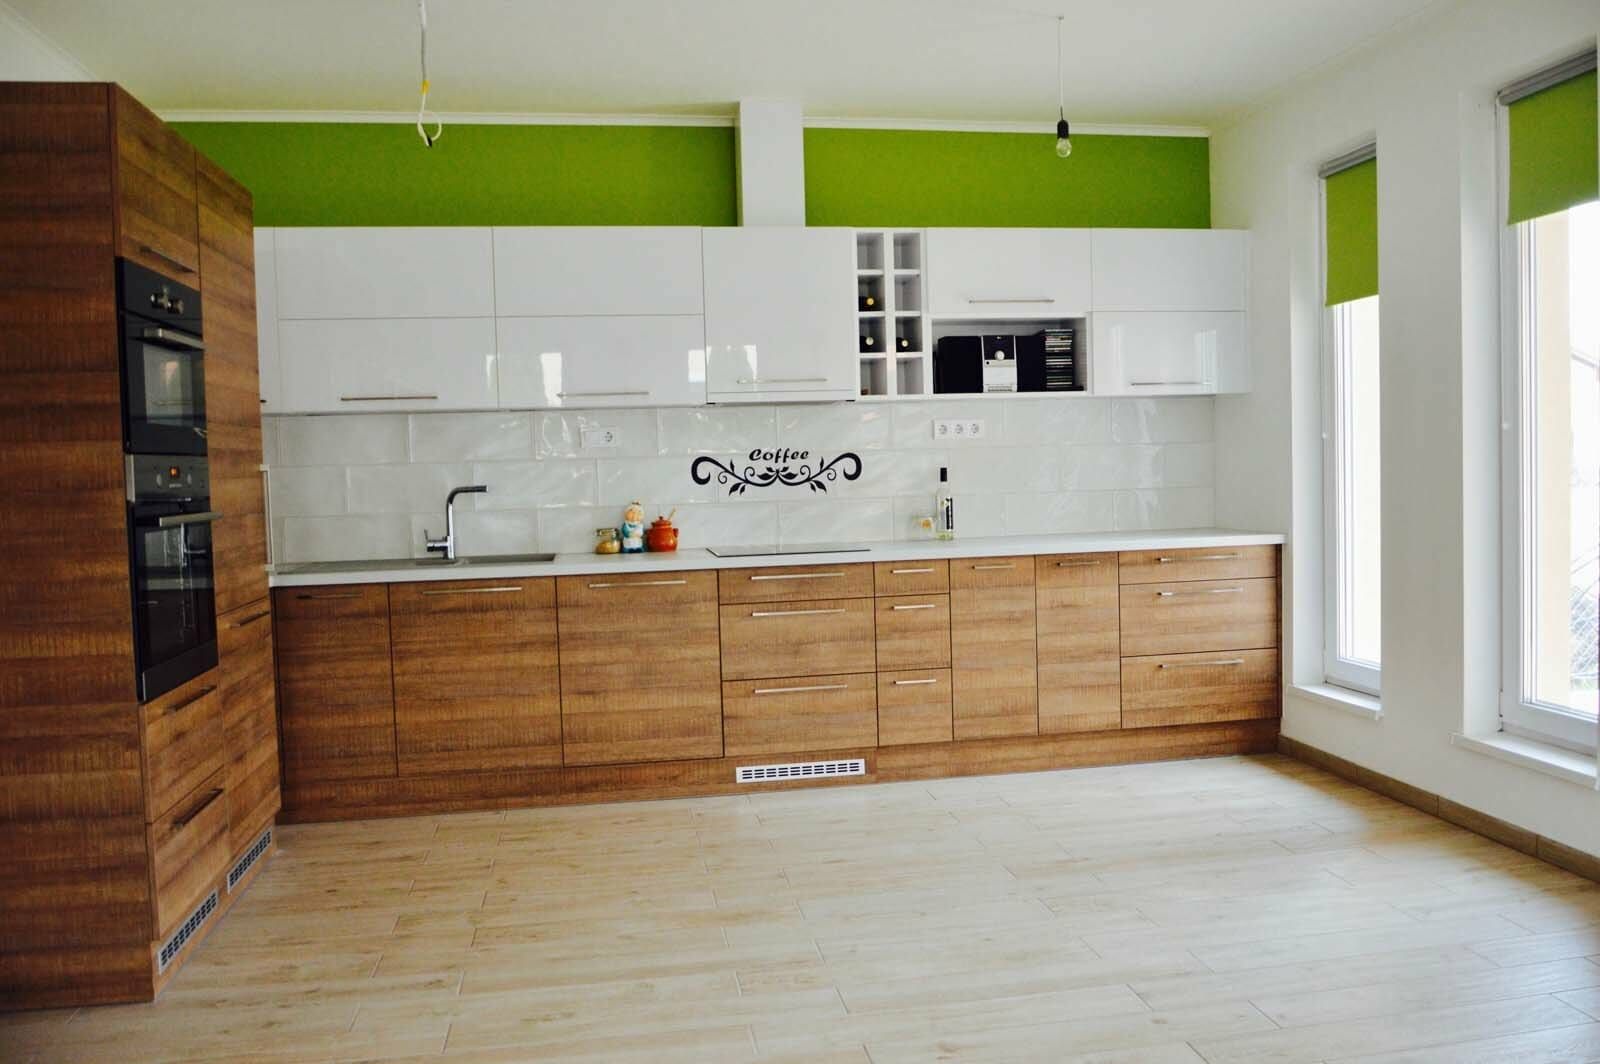 Egyedi konyhabútor készítés magasfényű akril felső elemekkel, fa alsó elemekkel, rejtett LED világítással